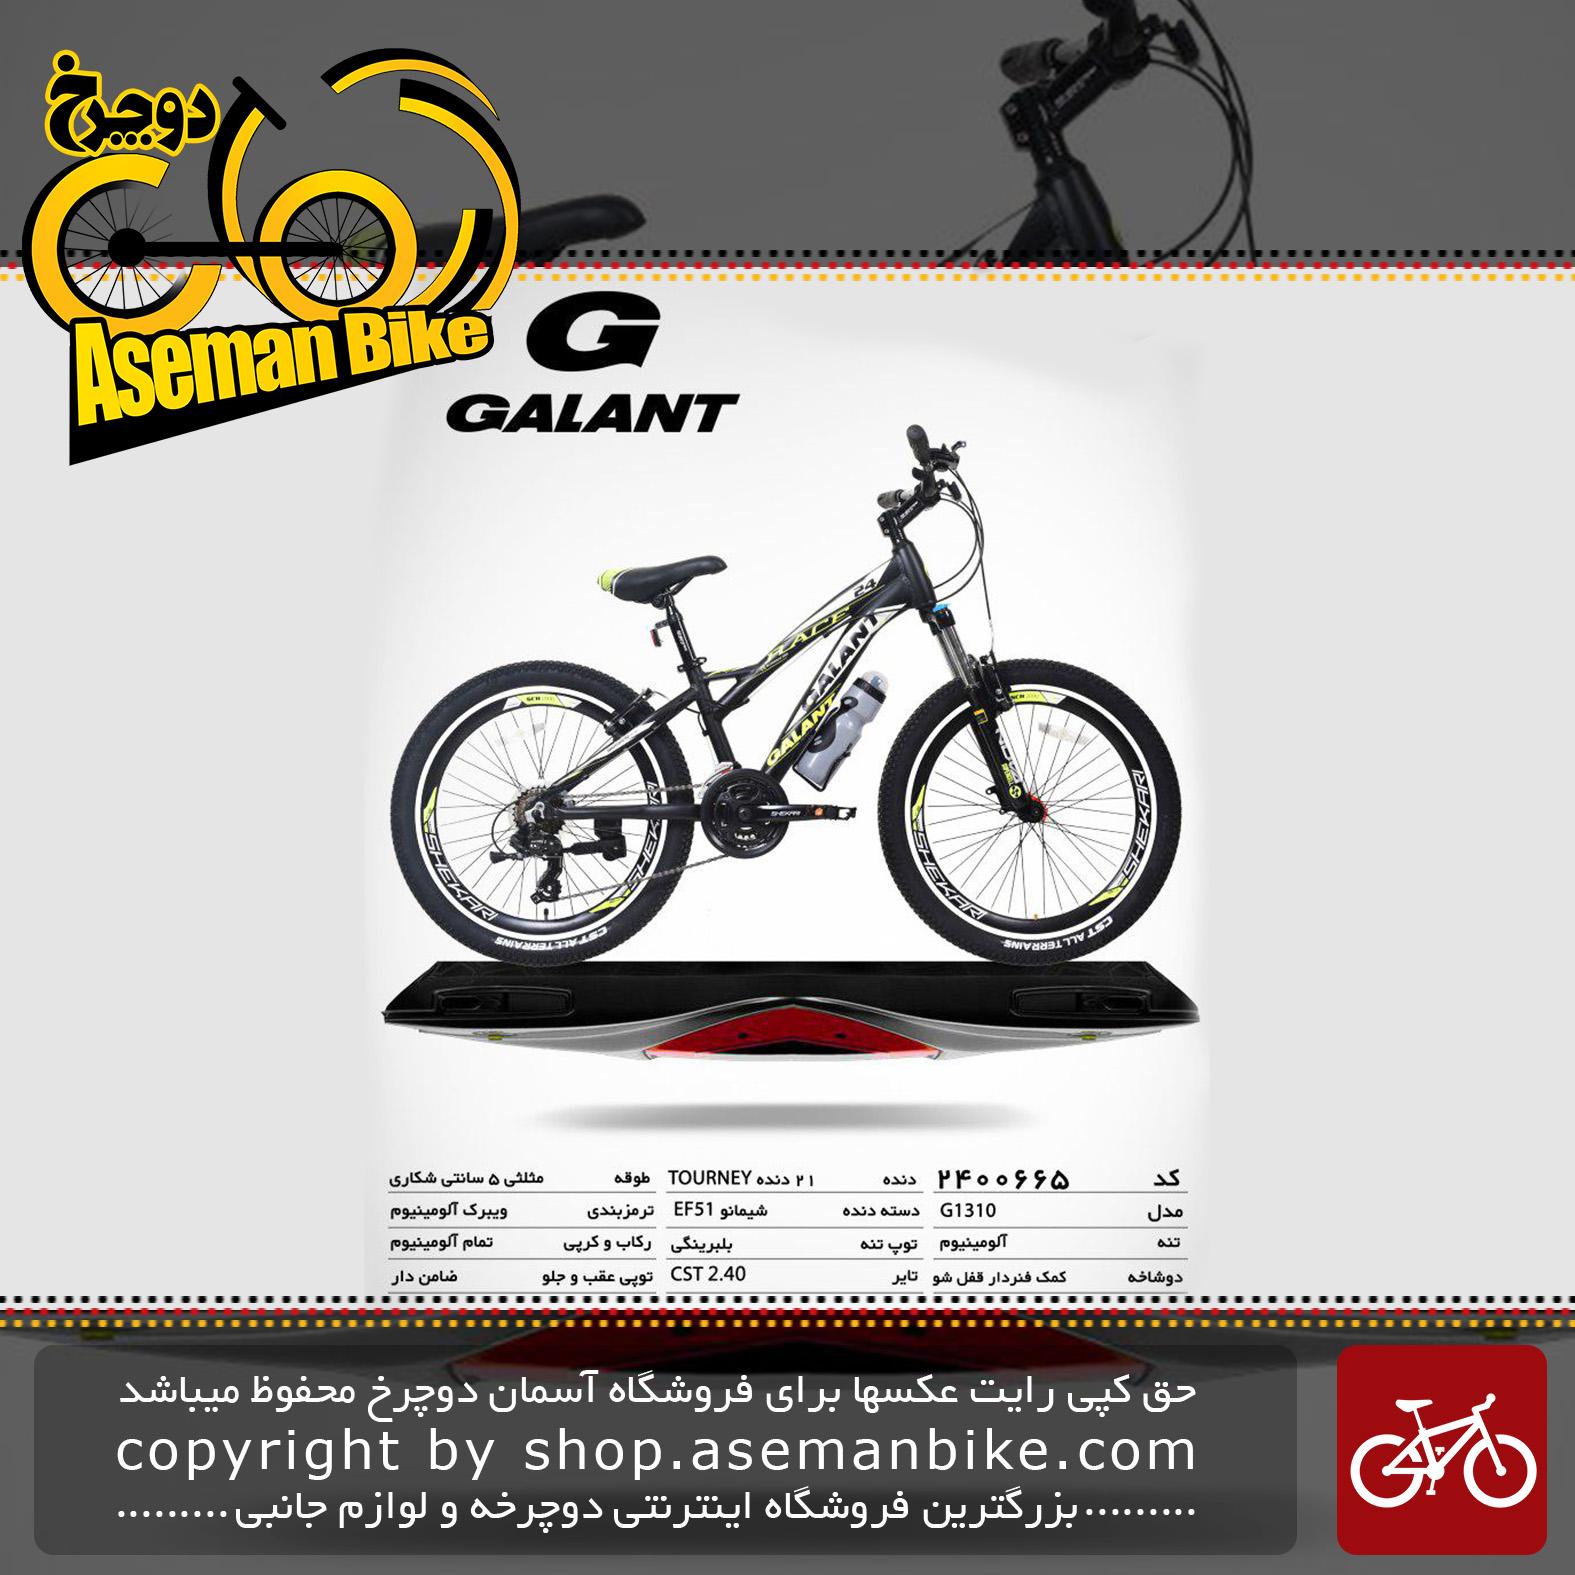 دوچرخه کوهستان شهری گالانت جی 1310 21 دنده سایز 24 ساخت تایوان GALANT Mountain City Bicycle Taiwan G1310 Size 24 2019